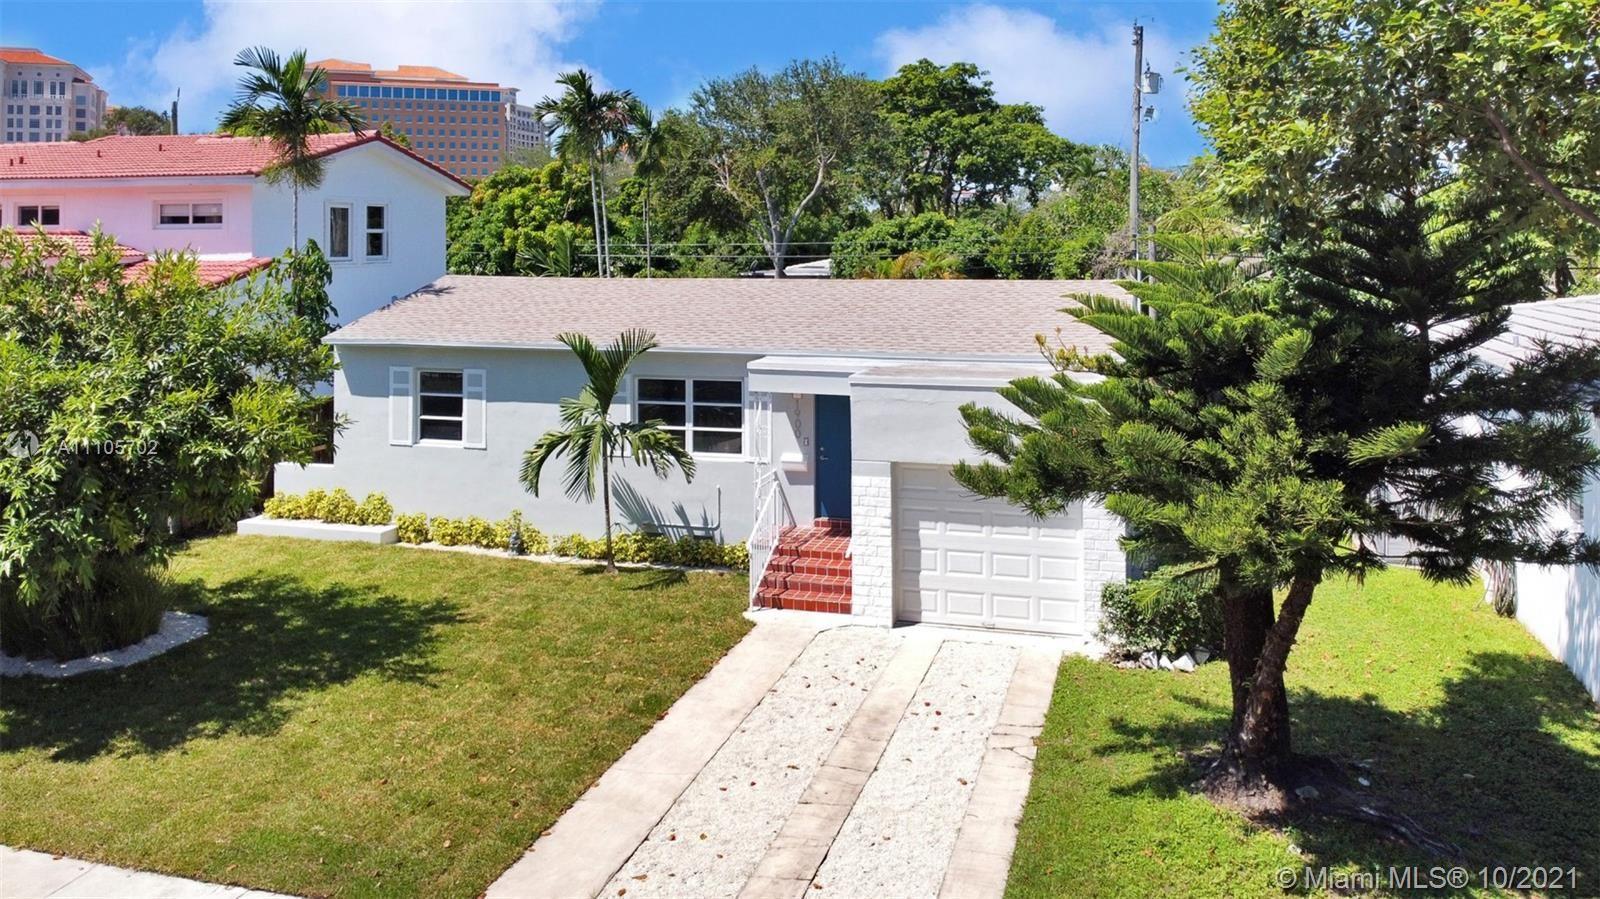 1900 Coral Gate Dr, Miami, FL 33145 - #: A11105702